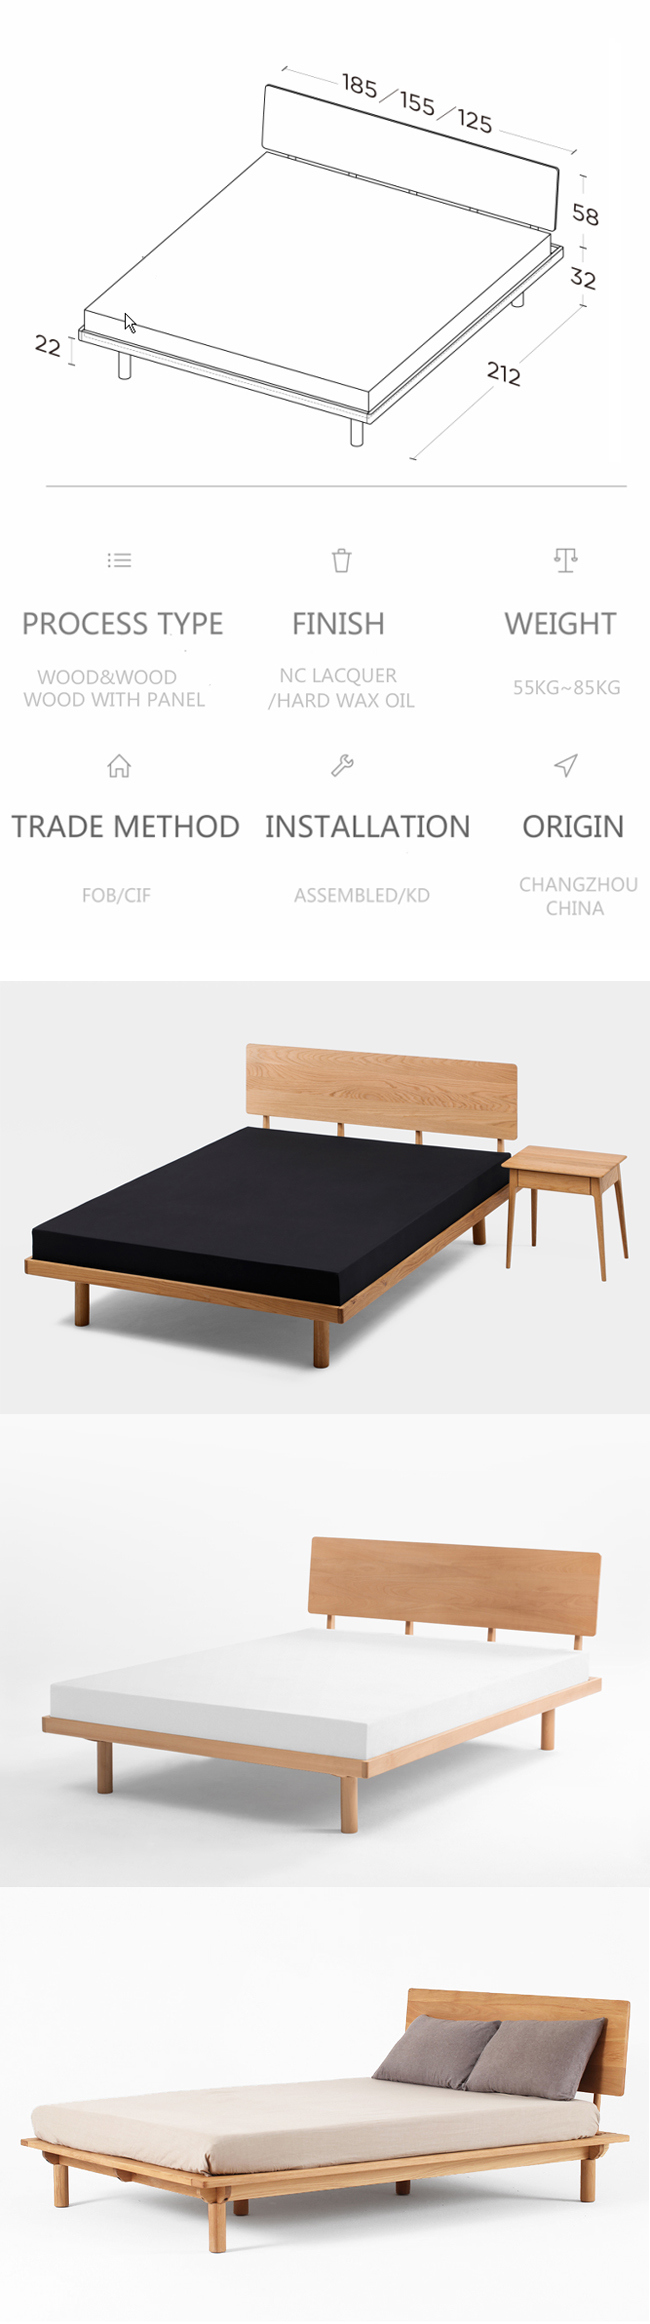 Antique-Modern-Oak-Living-Room-Solid-Wood-Bed-Frame(6)